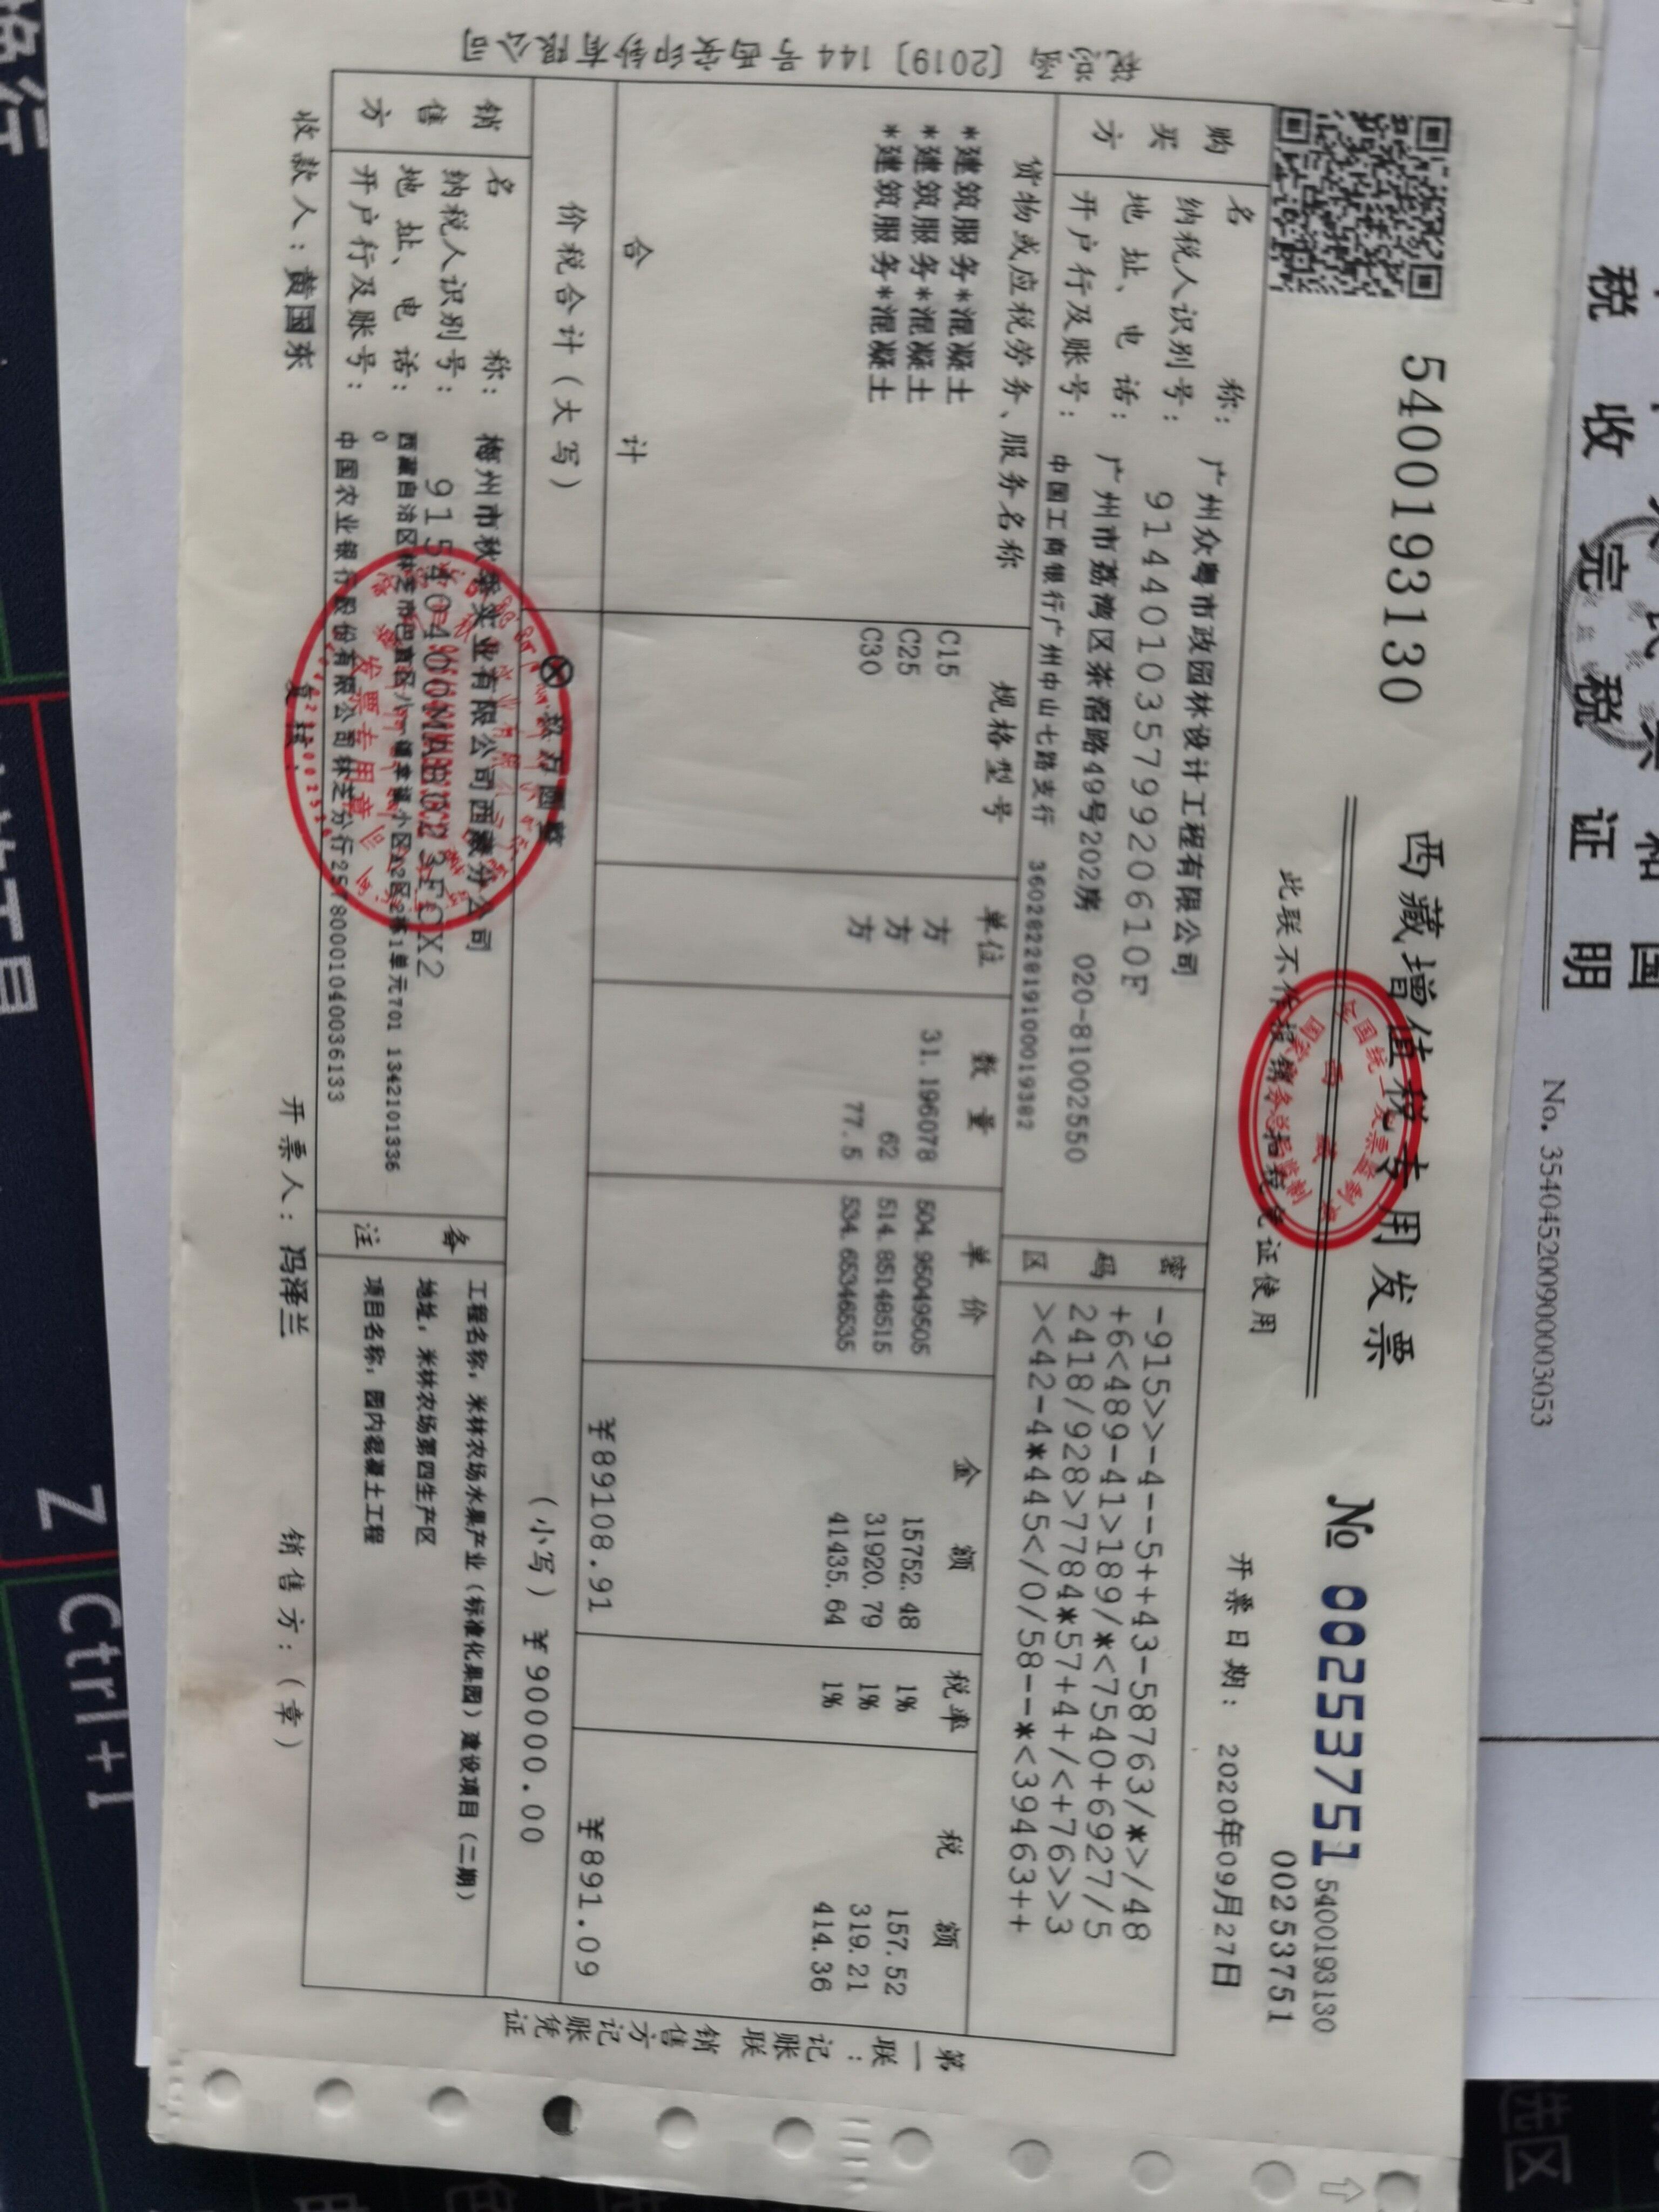 这个是我们公司给广东公司开的发票,你广东公司承接的工程